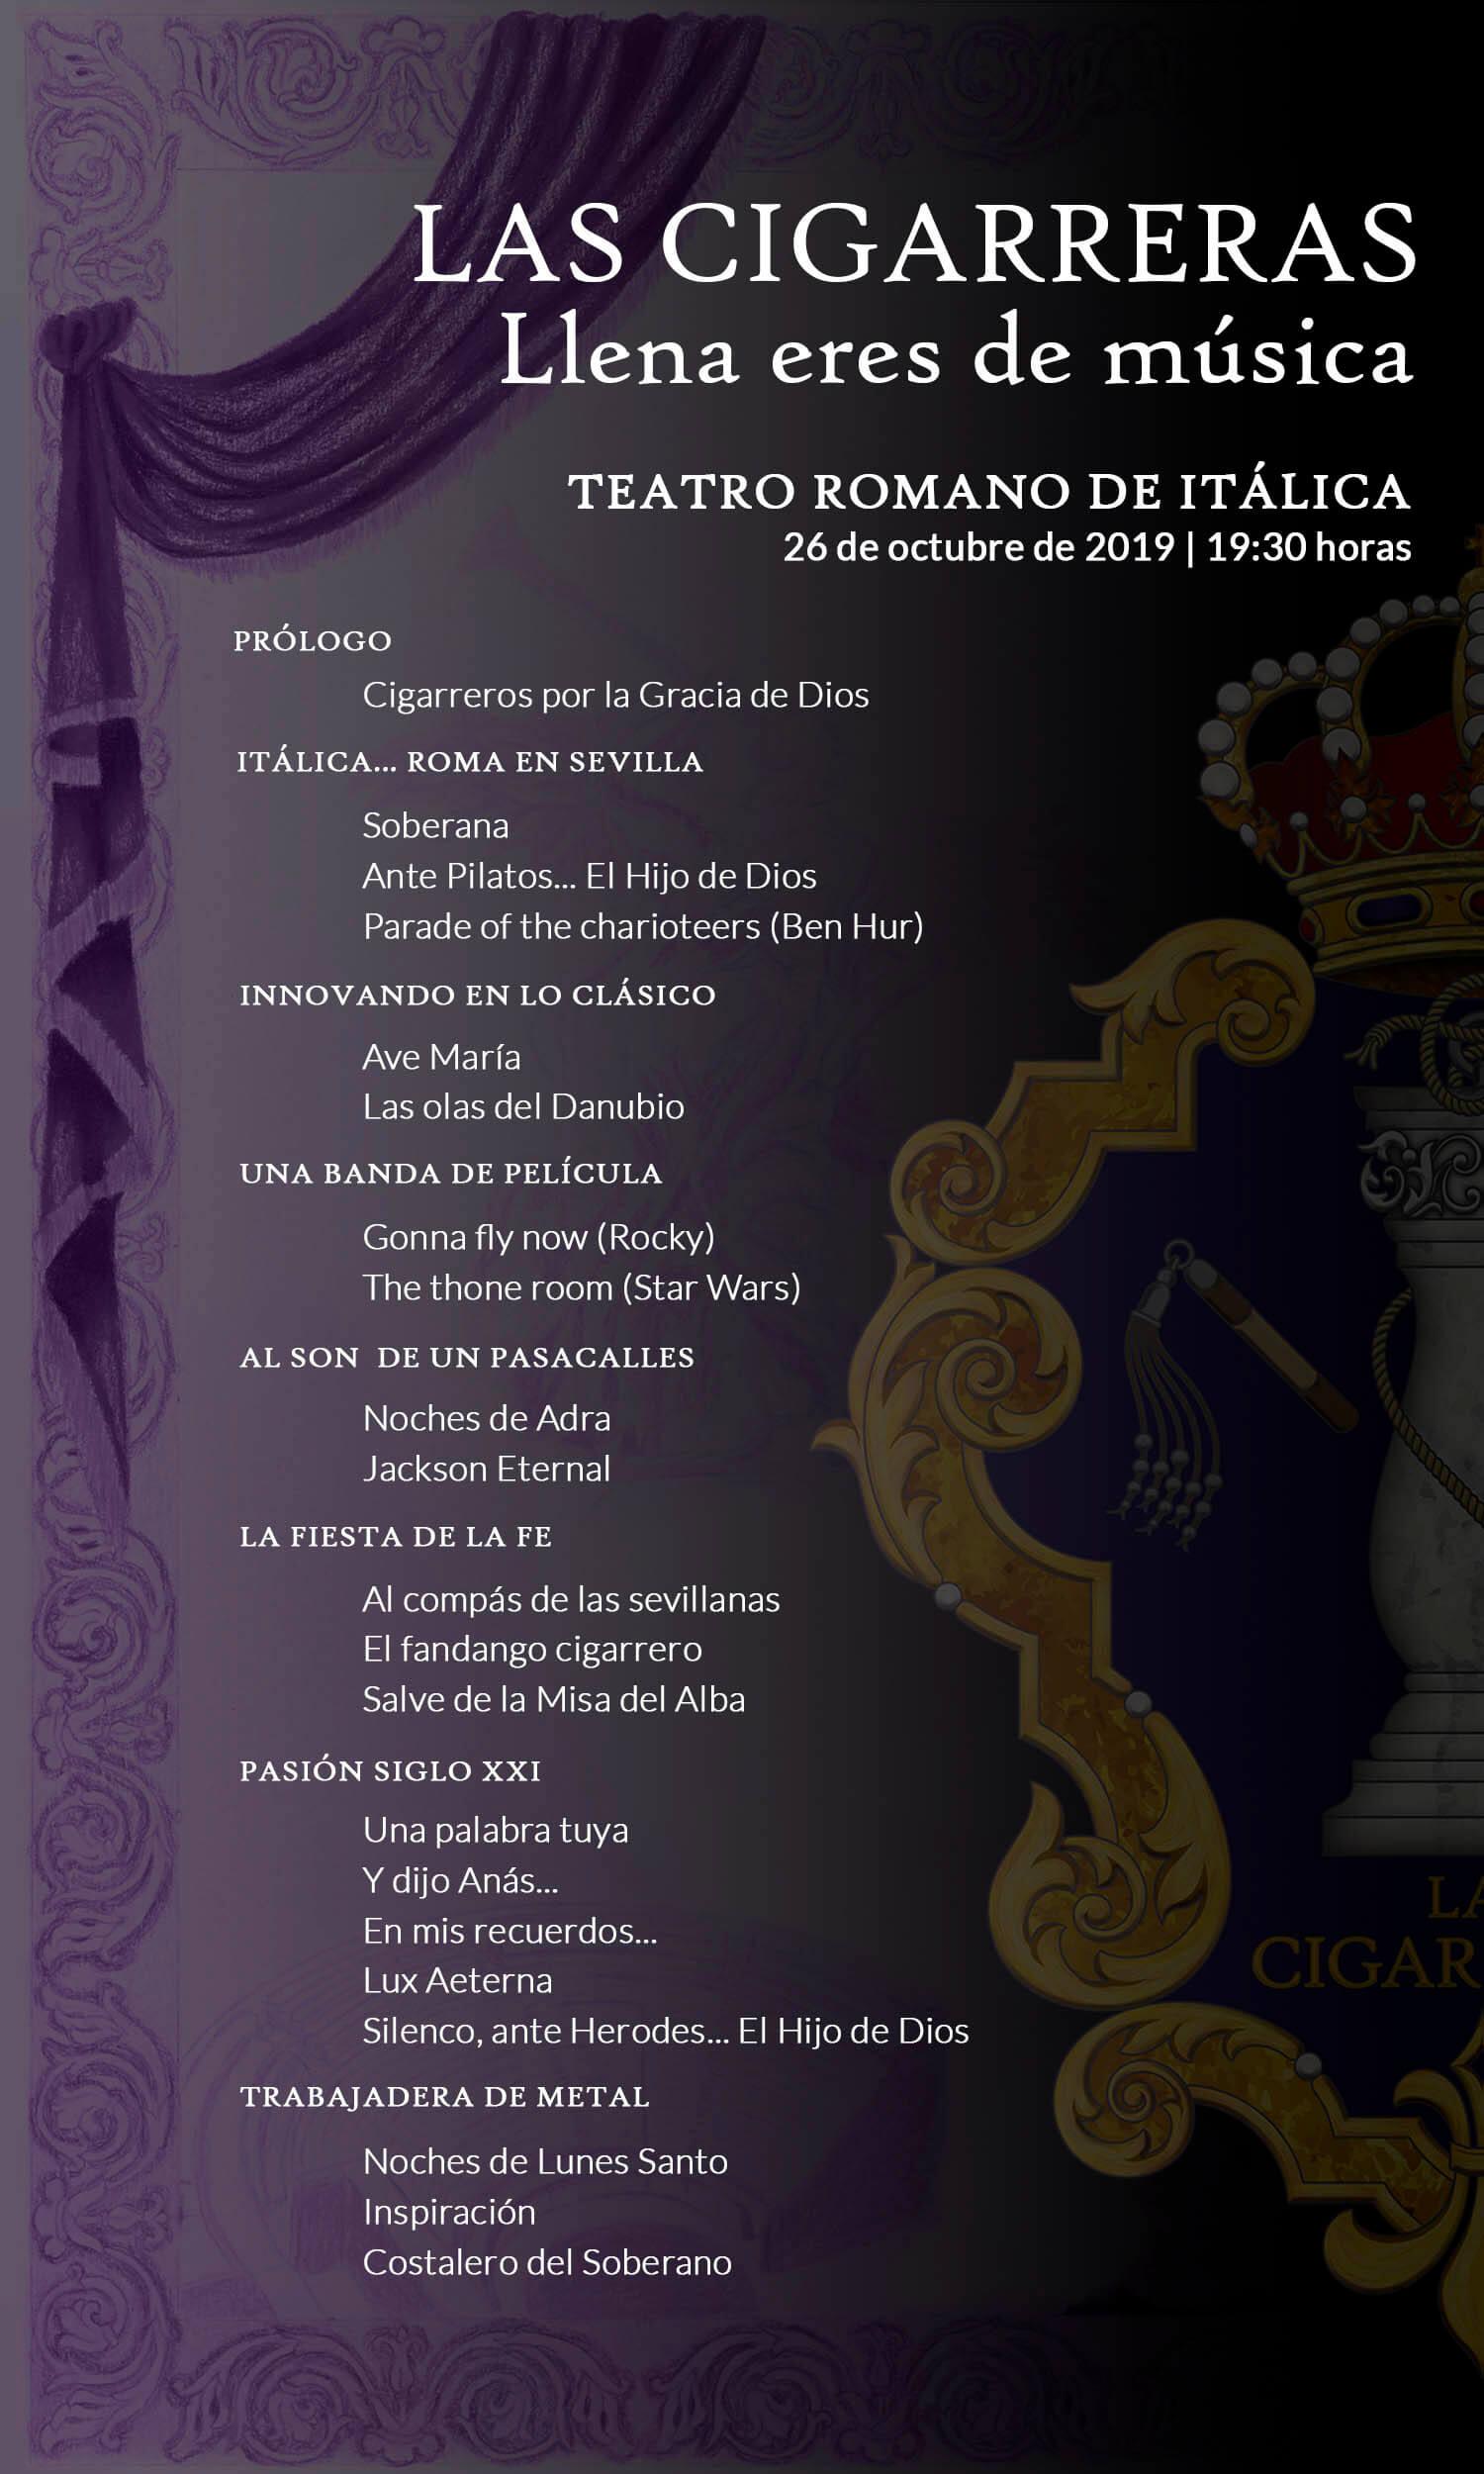 Repertorio del concierto del 40º aniversario de Las Cigarreras en el Teatro Romano de Itálica